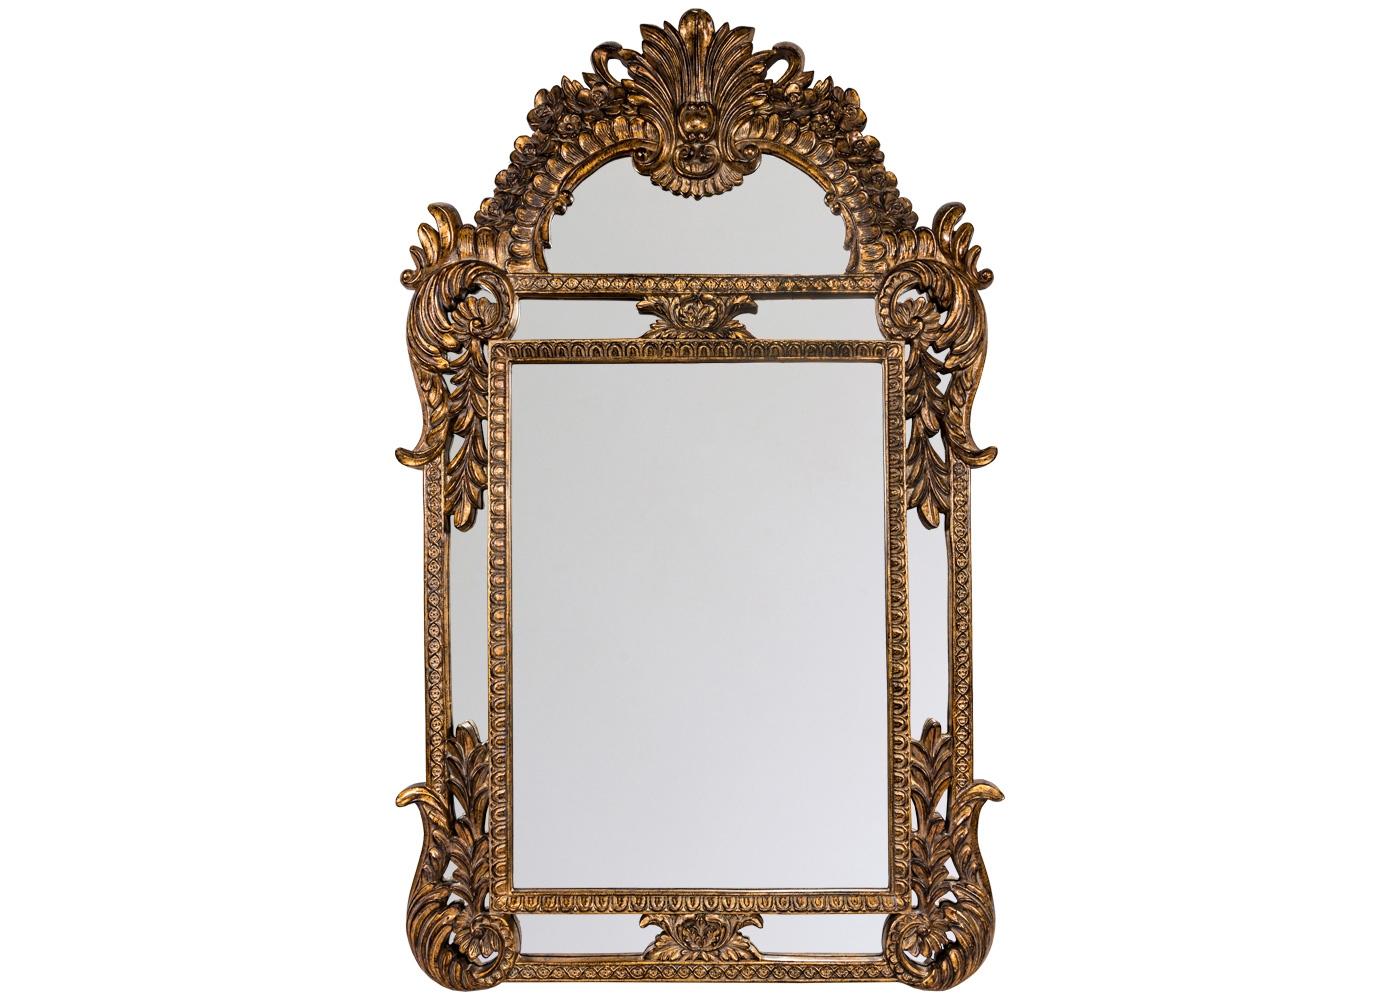 Настенное зеркало «Дакота»Настенные зеркала<br>Зеркало &amp;quot;Дакота&amp;quot; - достоверный экземпляр эпохи Возрождения, наградившей предметы интерьера пышными архитектурными деталями. Зеркало поражает роскошным многоярусным рельефом и поистине дворцовыми размерами. Сдержанный блеск красного золота задает безупречную гармонию любому интерьерному фону. Зеркало &amp;quot;Дакота&amp;quot; - фаворит гостиной комнаты, столовой, холла и прихожей. Расположившись в спальне, это зеркало тут же превратит её в роскошный будуар.<br><br>Material: Полиуретан<br>Ширина см: 104.0<br>Высота см: 170.0<br>Глубина см: 5.5